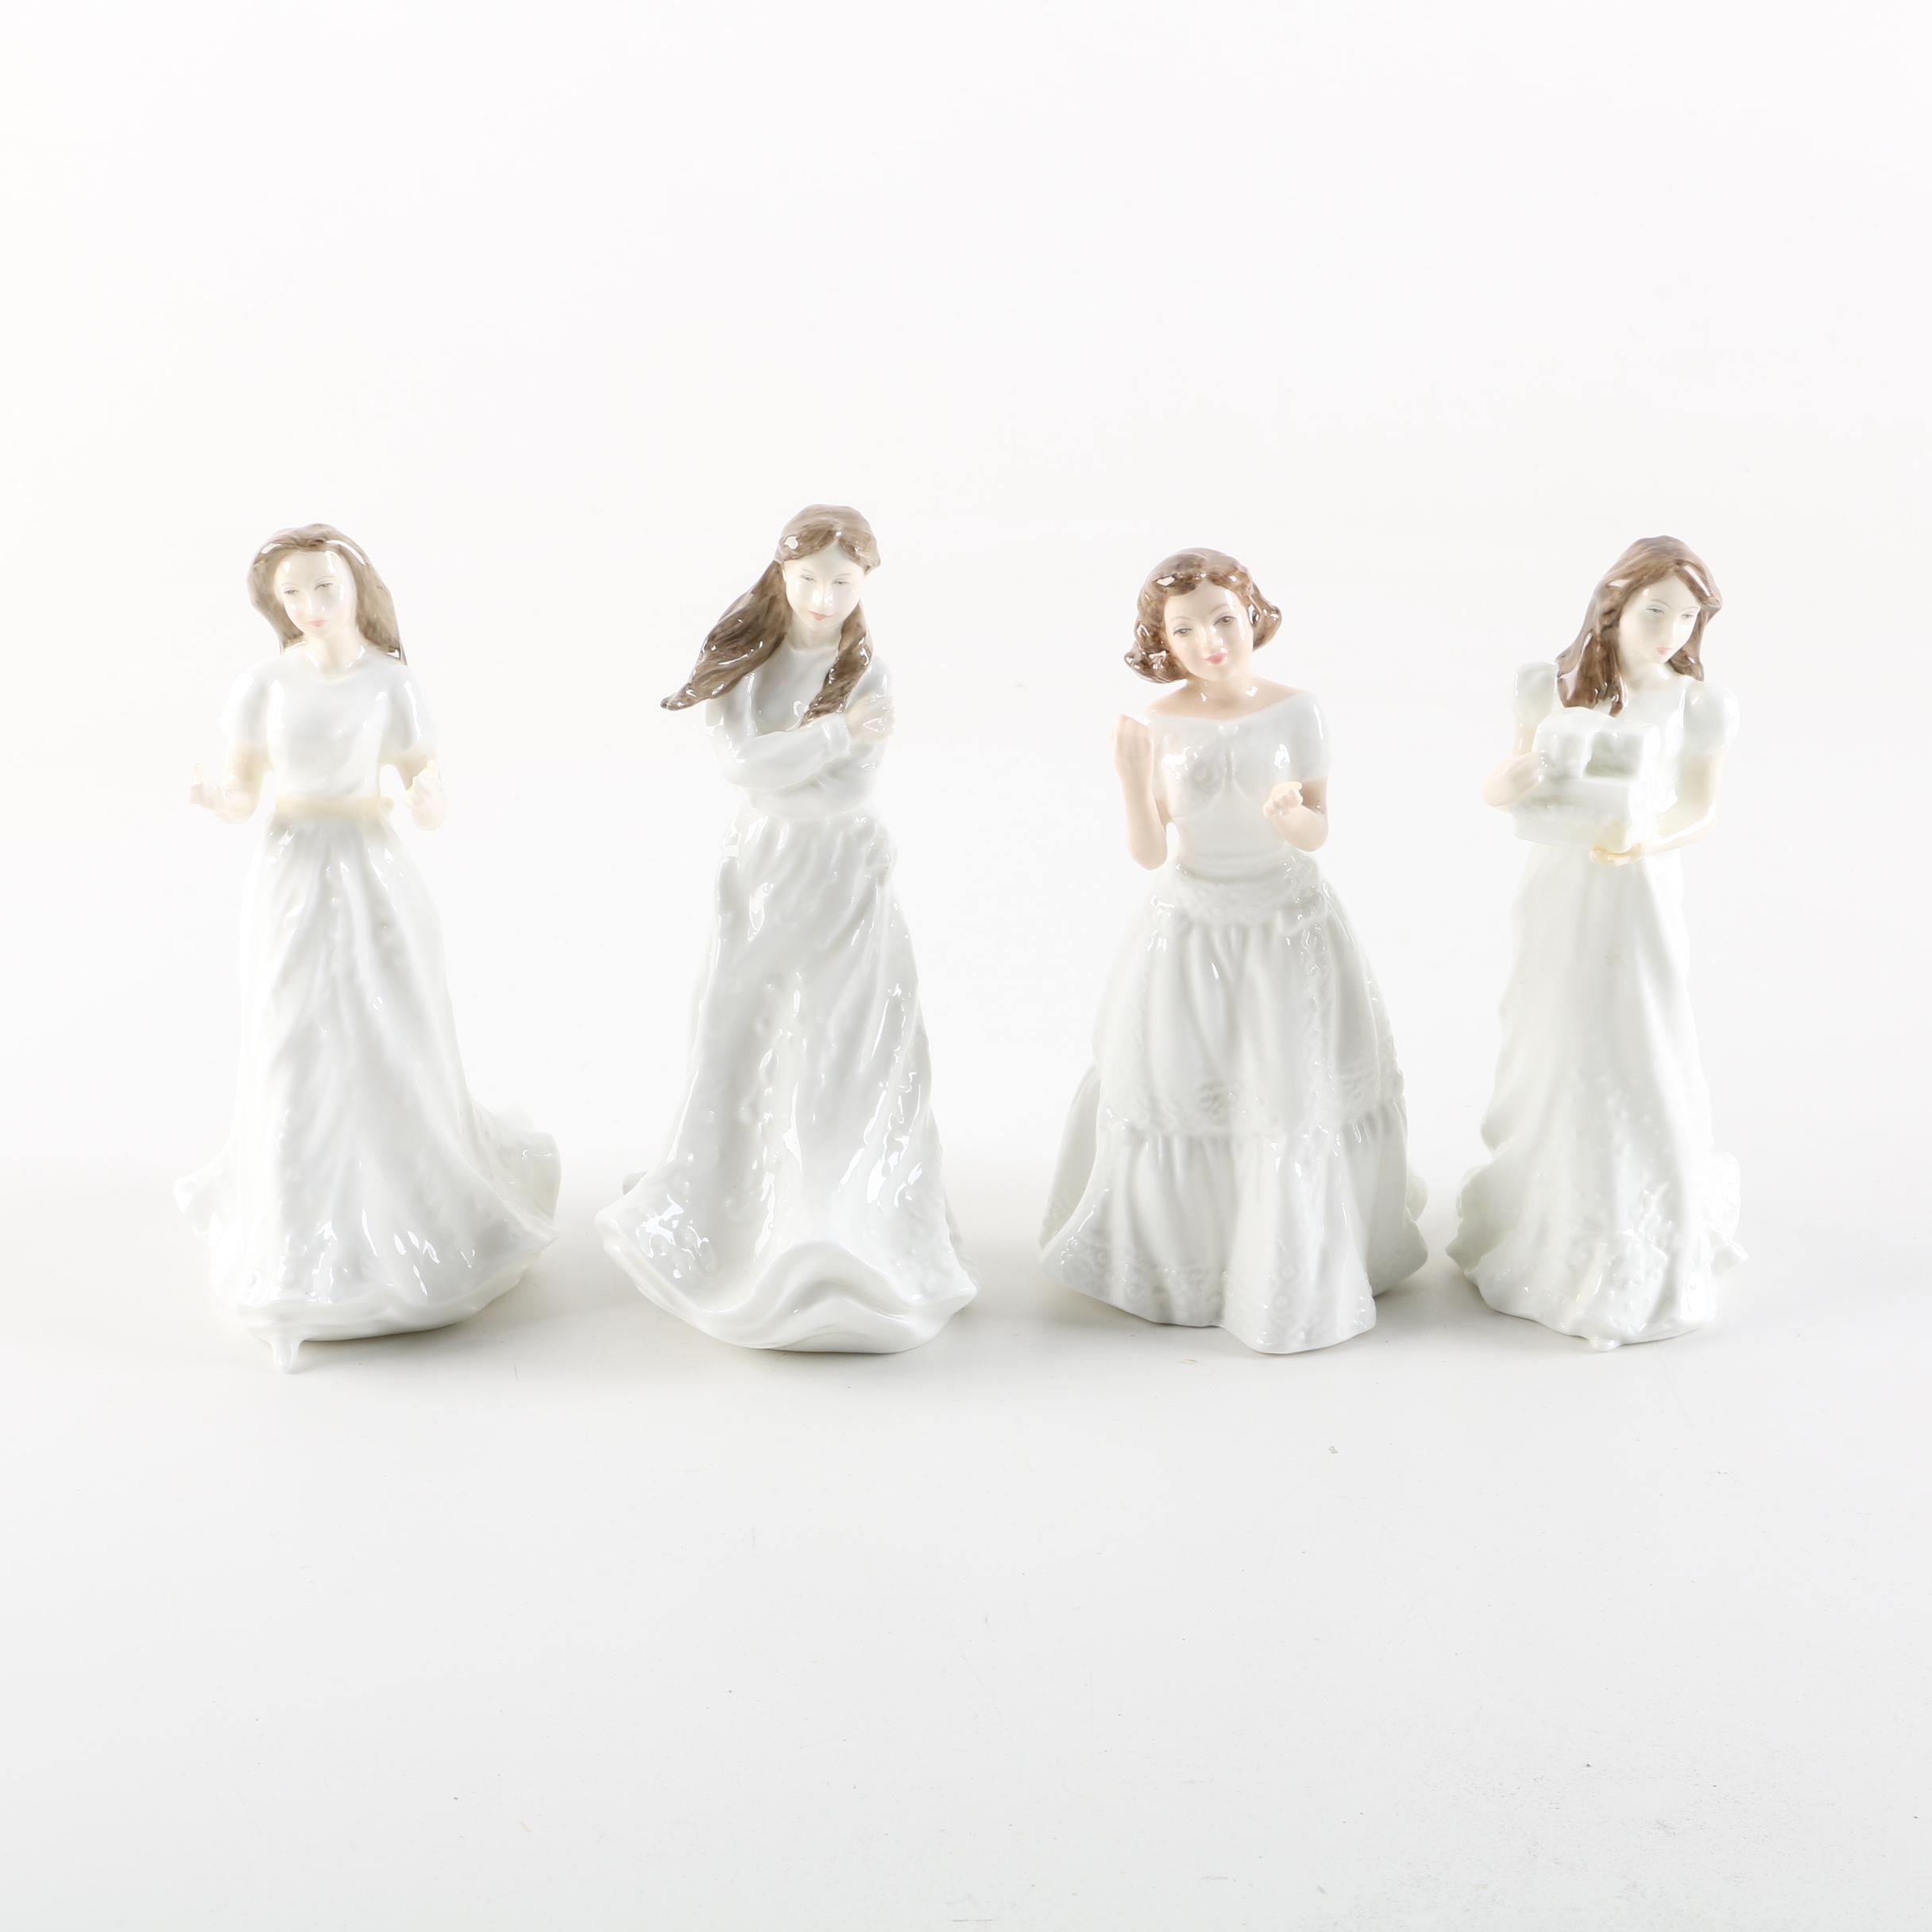 Royal Doulton Sentiments Series Porcelain Figurines, Circa 1940s